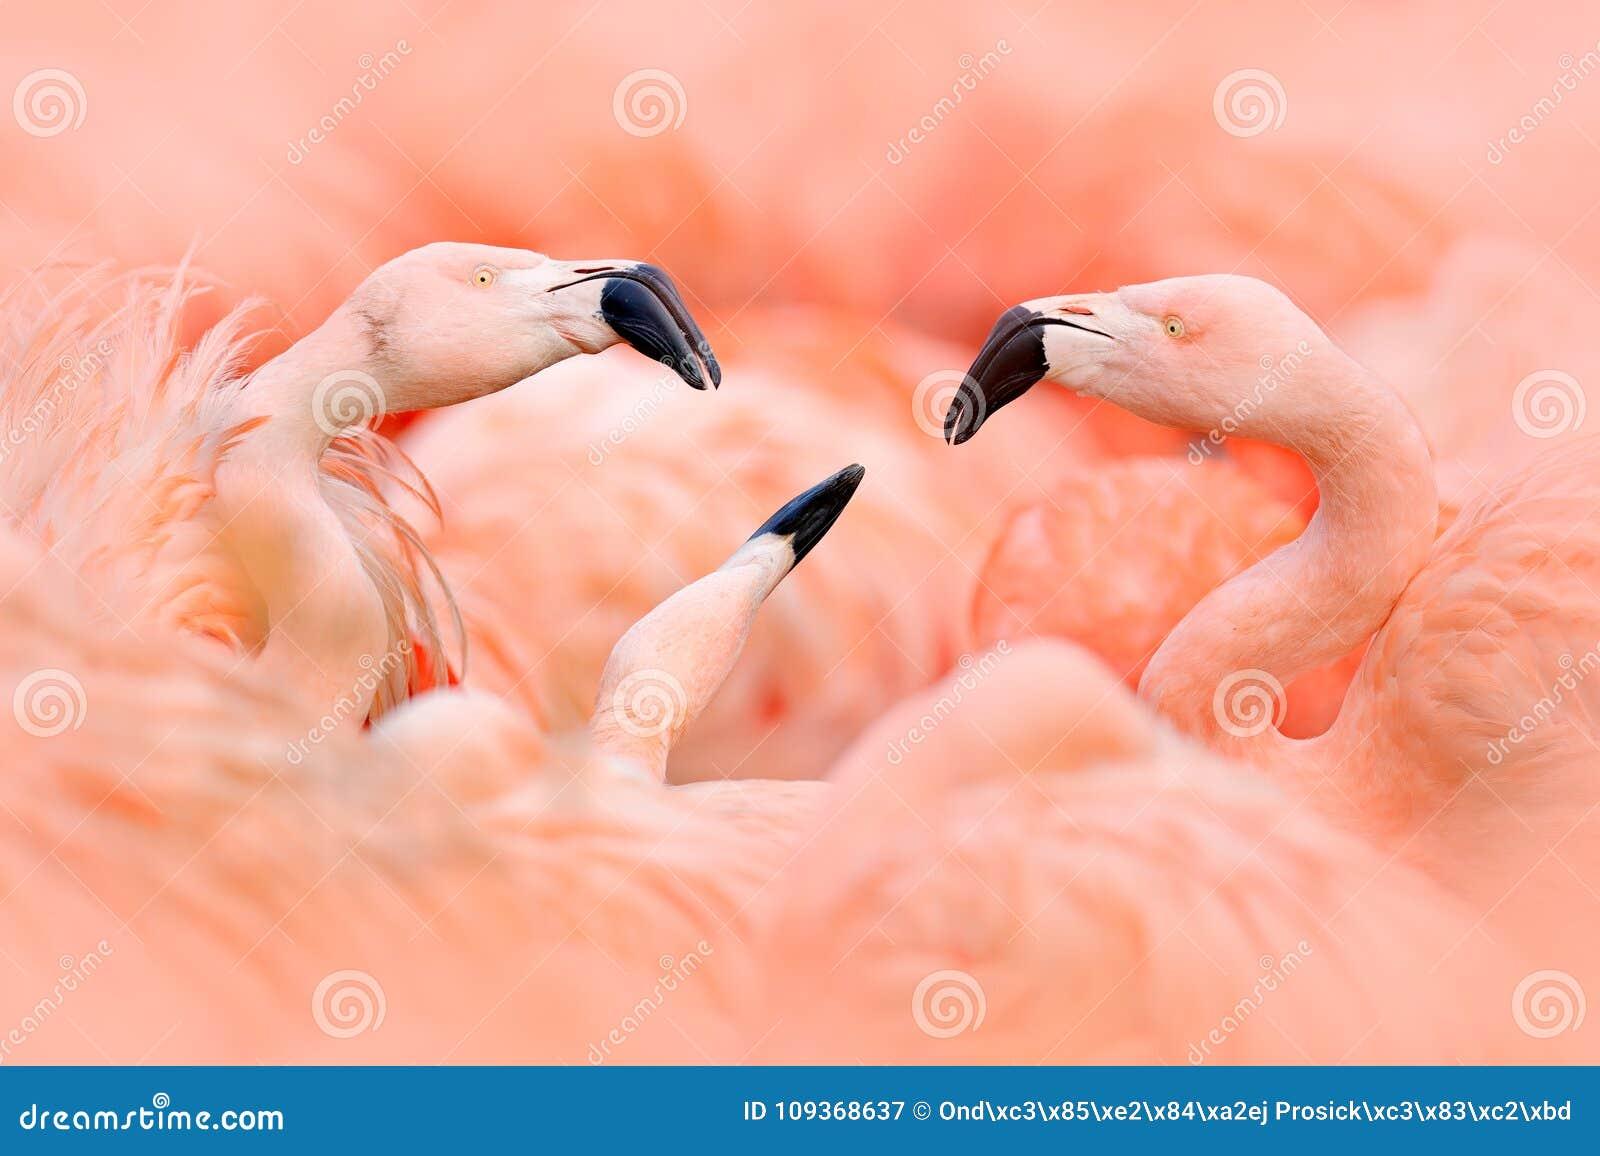 Flaningostrijd De Amerikaanse flamingo, Phoenicopterus-rubernice, doorboort grote vogel, dansend in water, dier in de aardhabitat